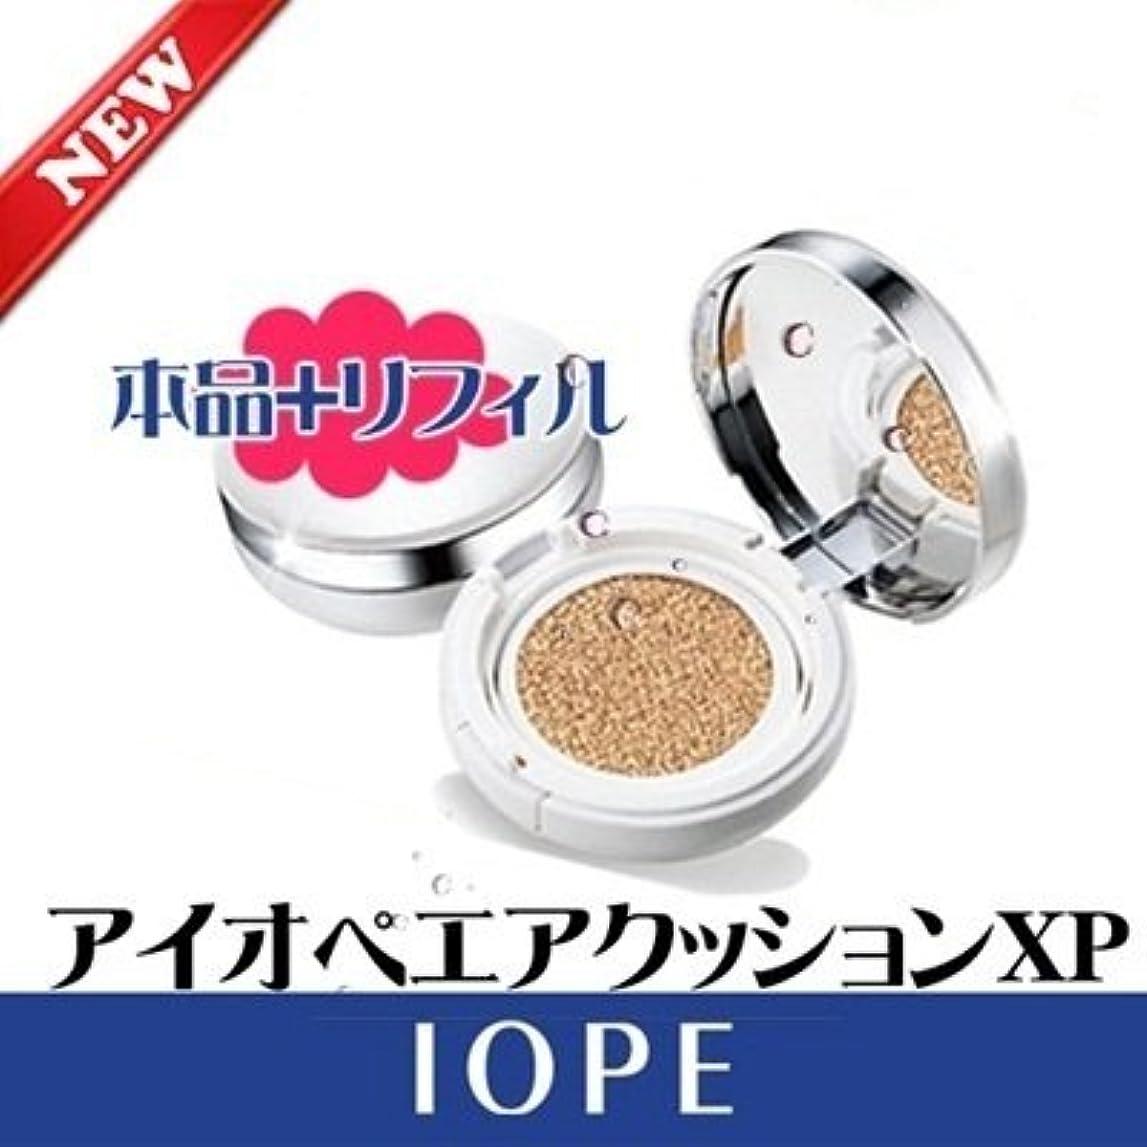 パワーさらに二層[韓国コスメ]IOPE[アイオペ ] エアークッション Natural XP 21号[海外直送品]